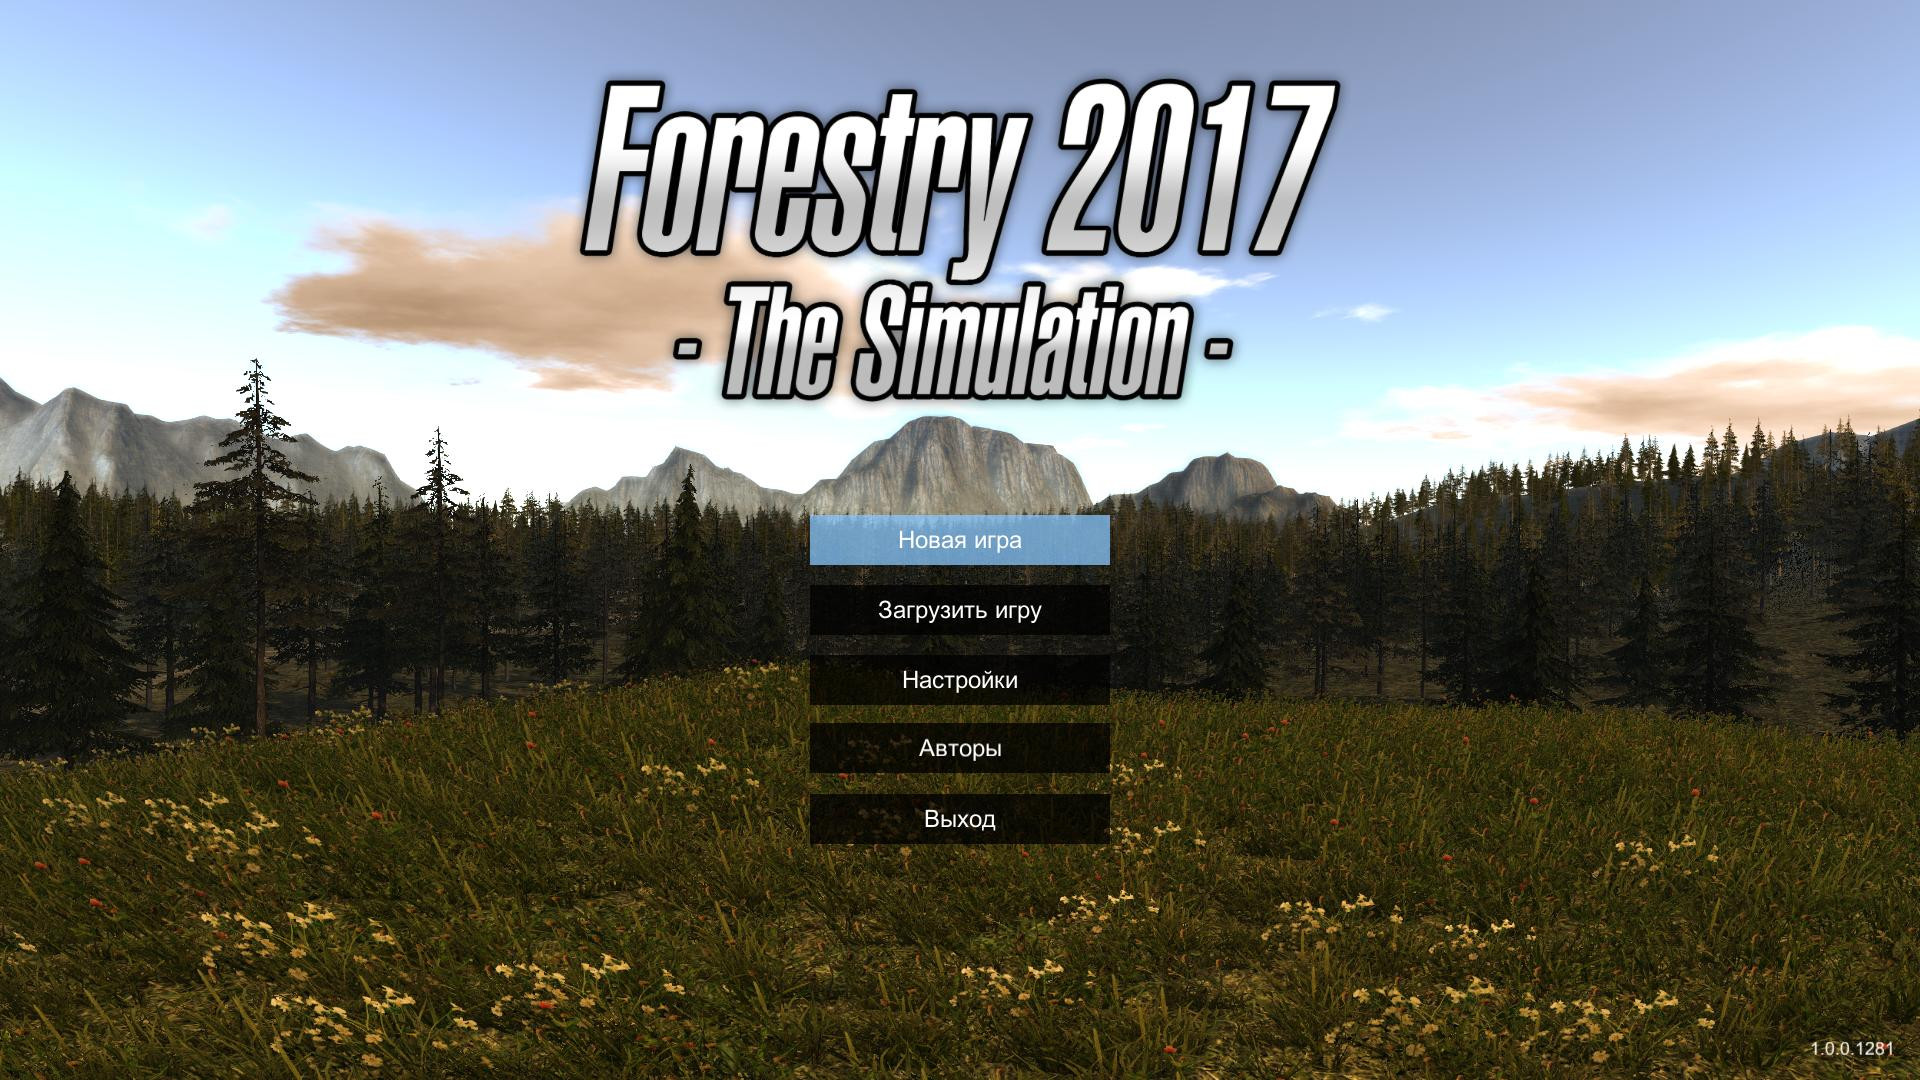 Игры: играть в бесплатные игры онлайн, флеш-игры, мини-игры